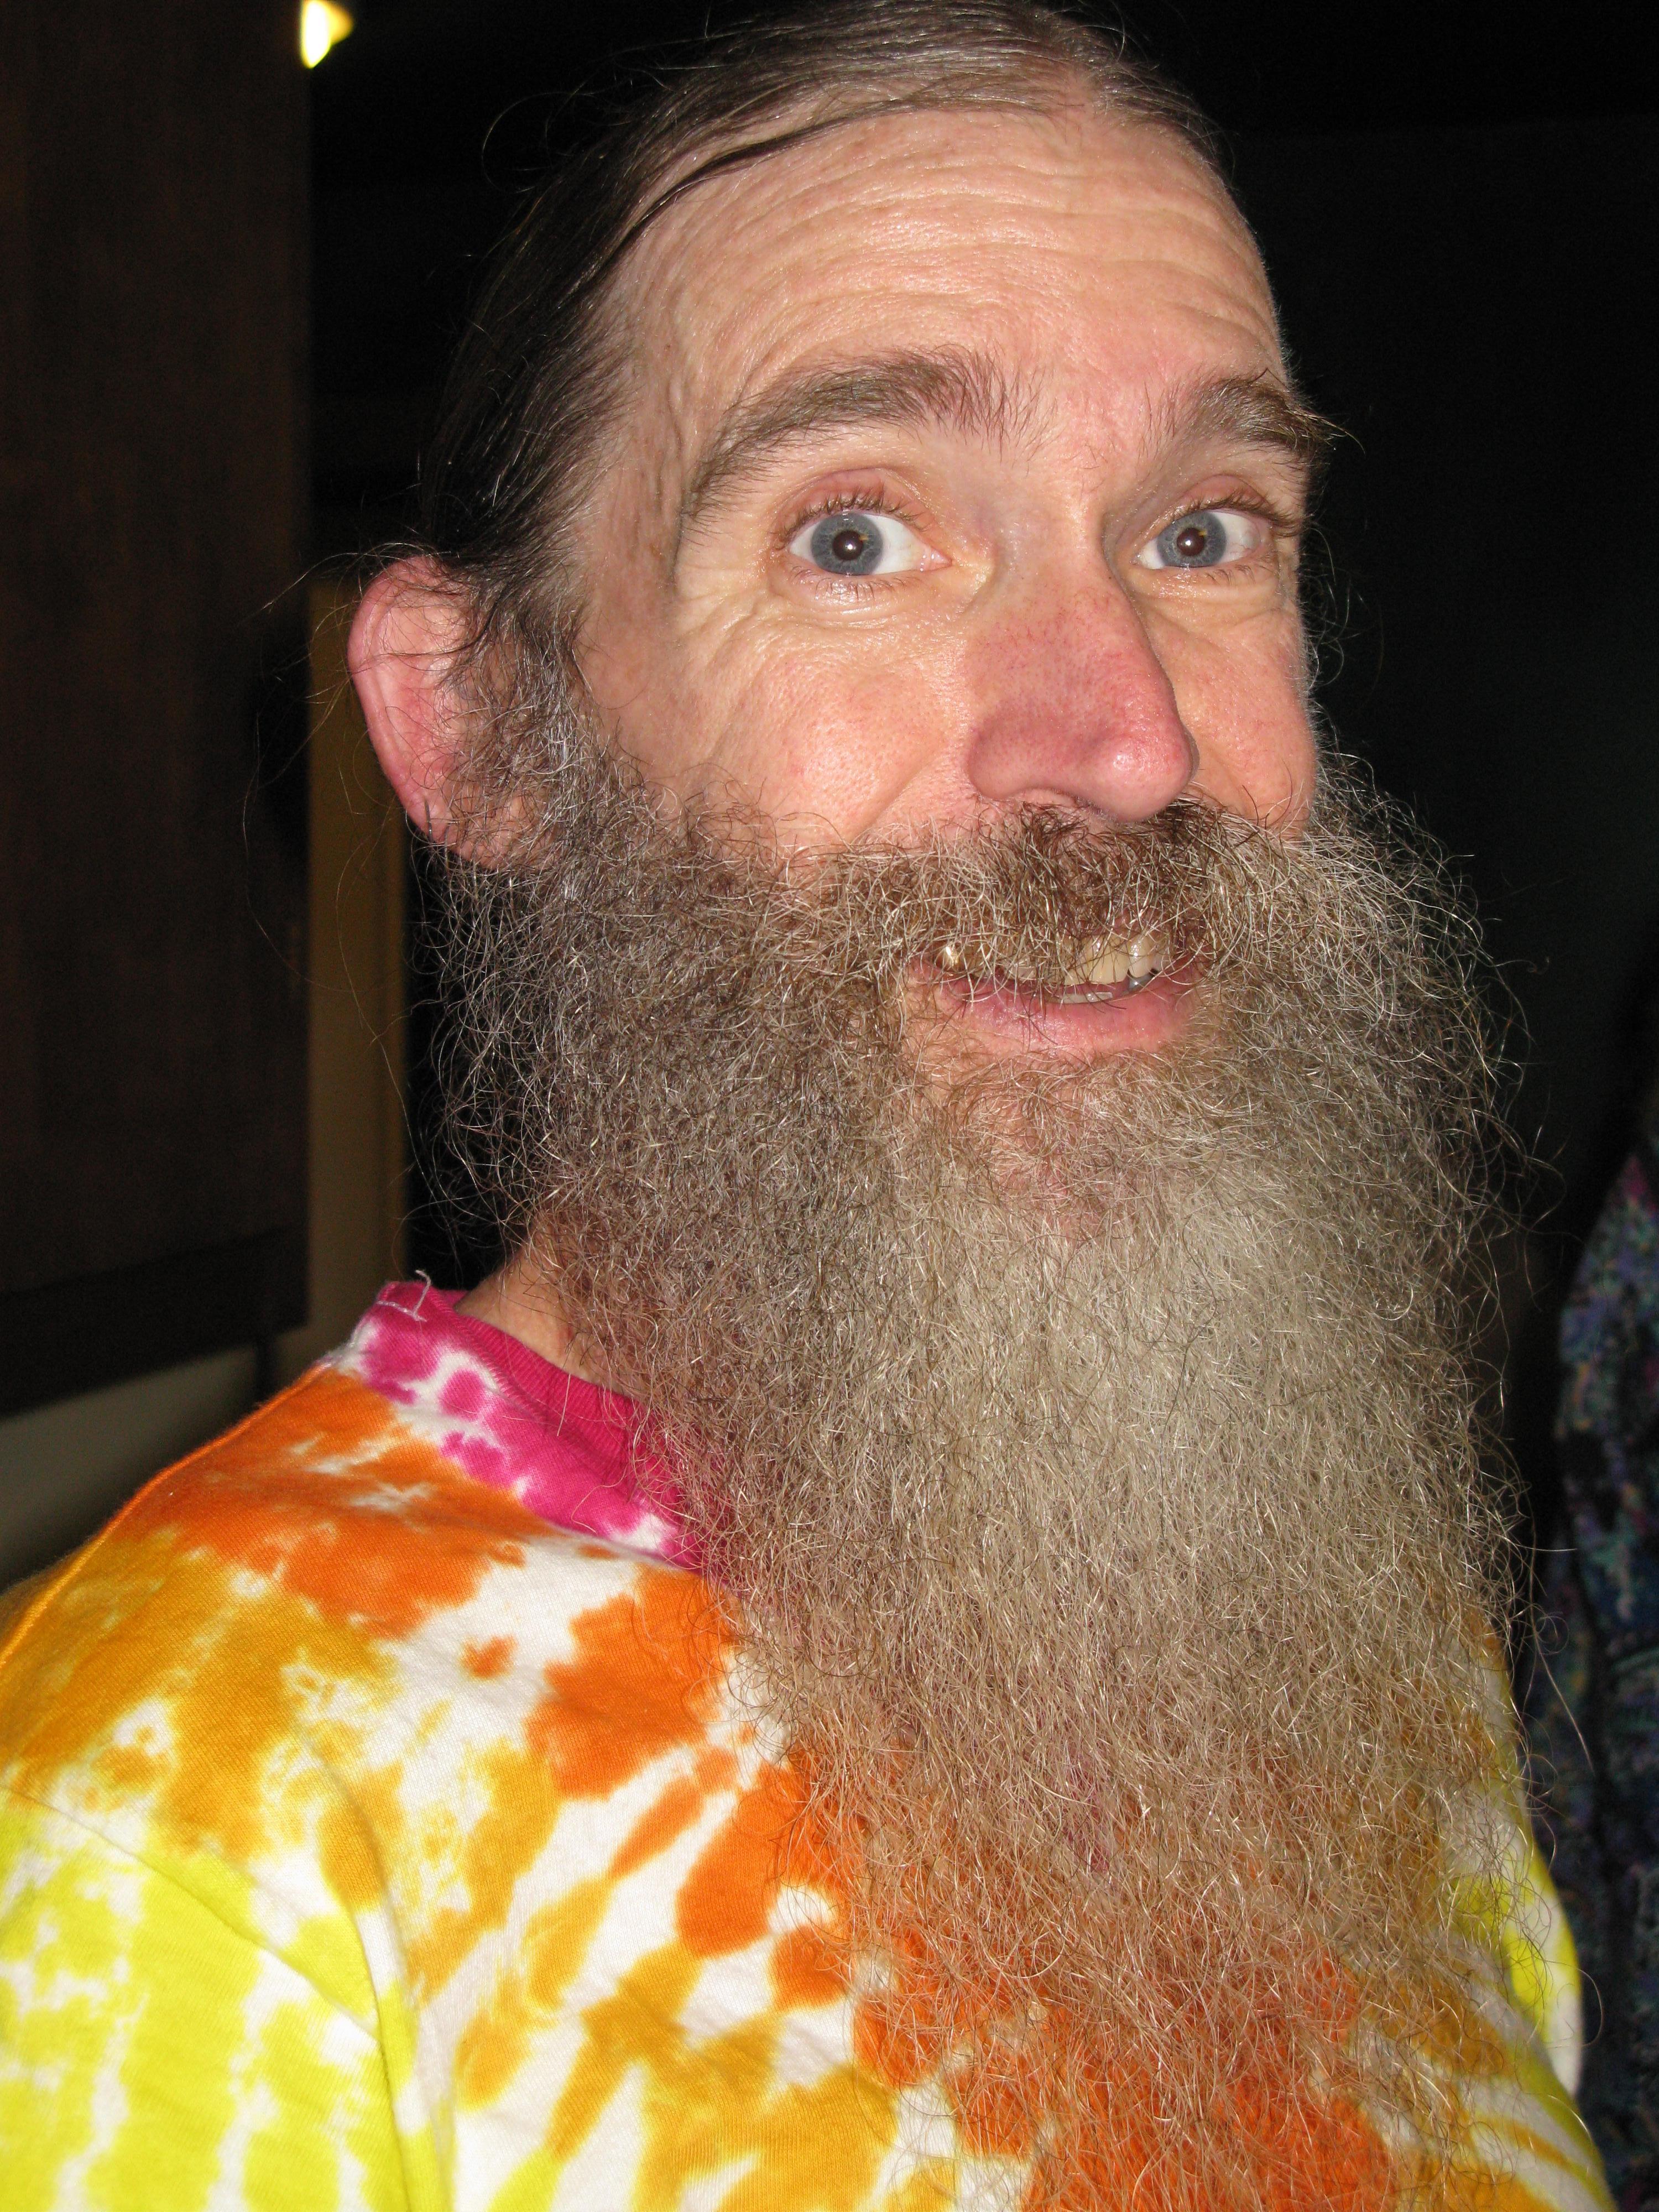 The Bushy Beard of Scott Absalom